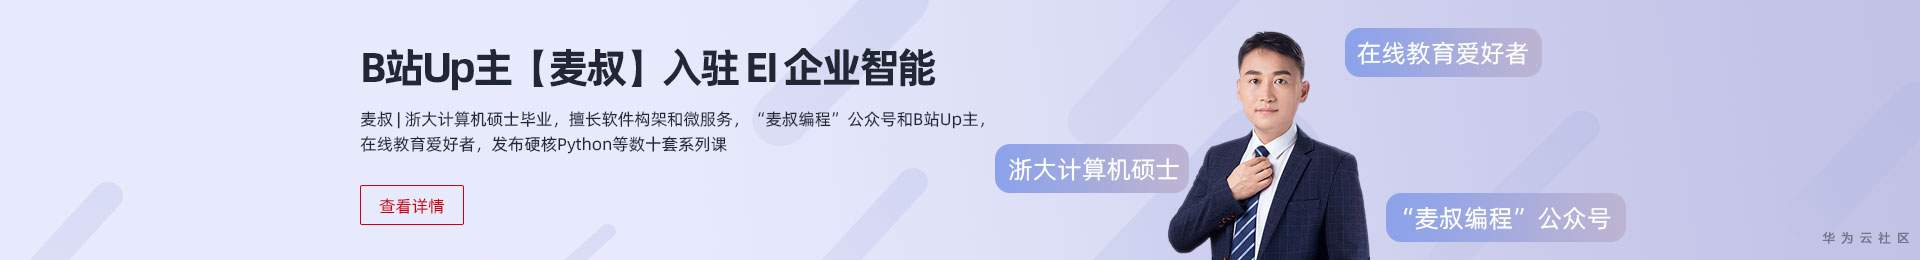 论坛banner.jpg